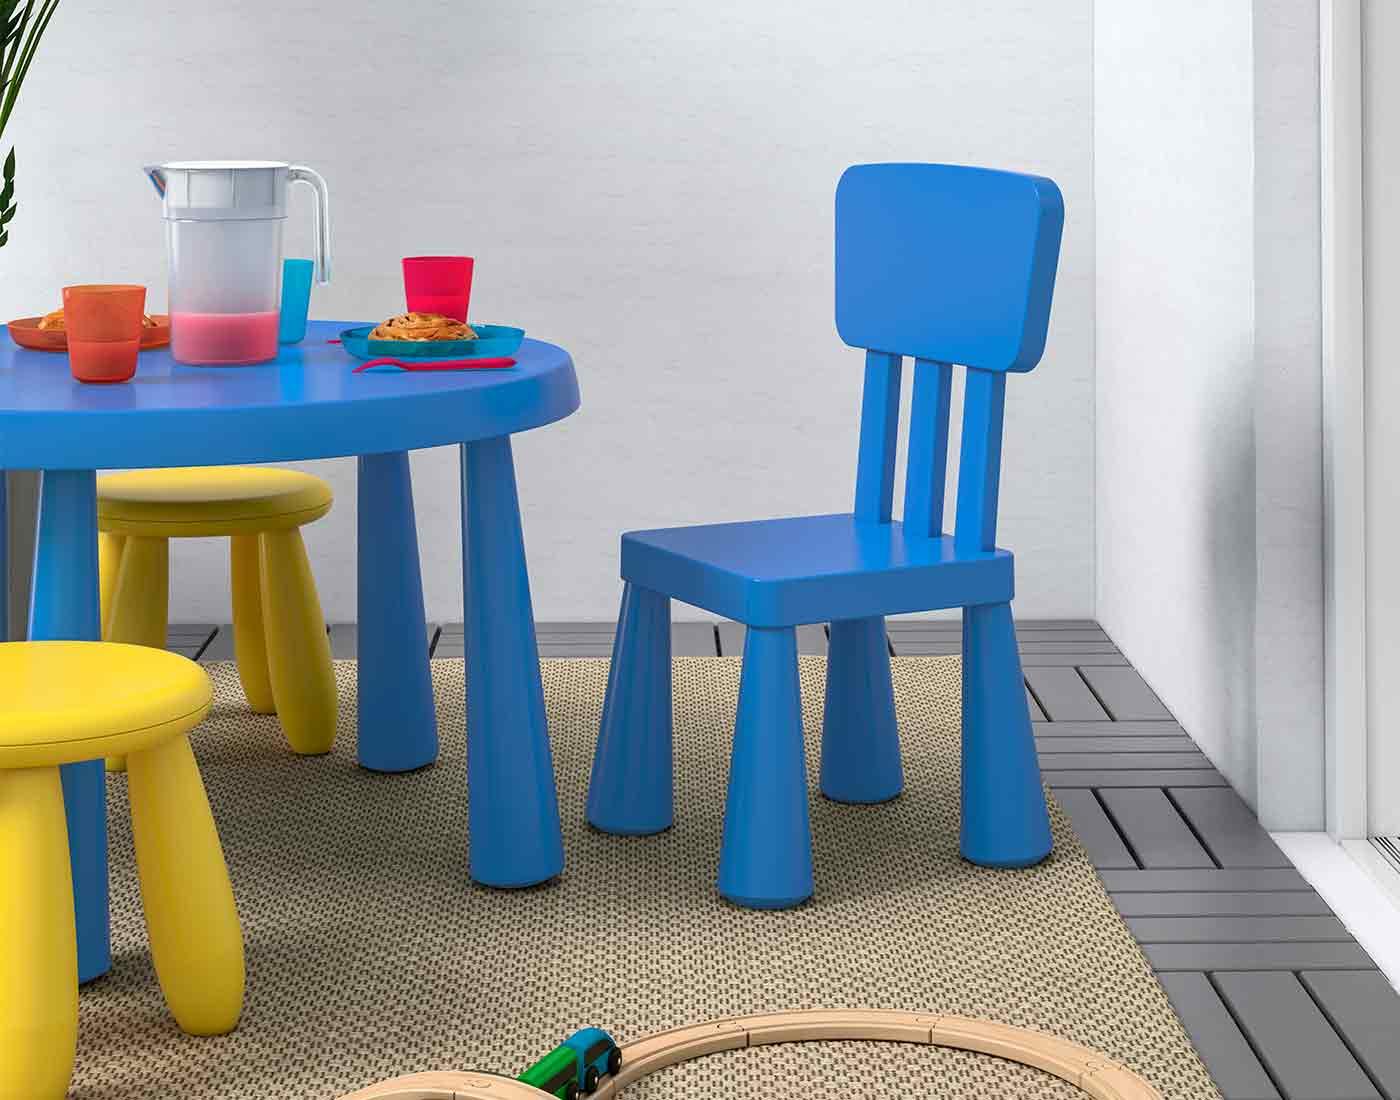 Børne havemøbler i blå og gul der står på en altan.